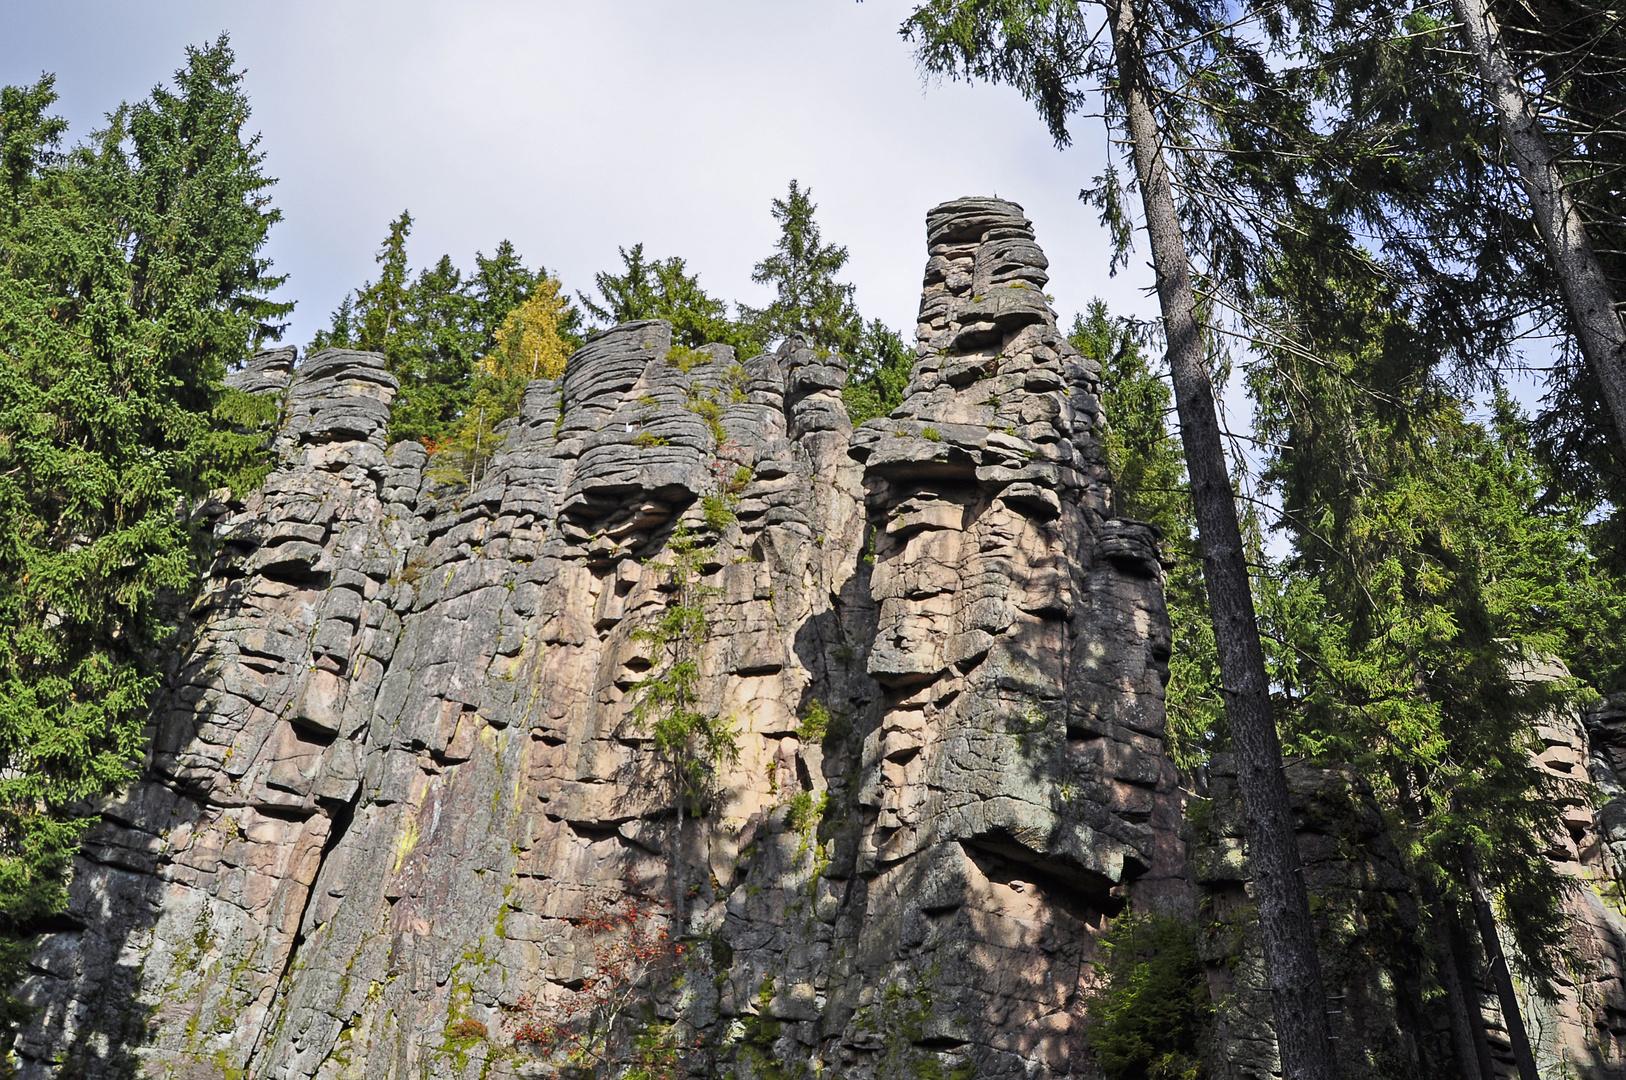 Die Teufelssteine im Steinbachtal zwischen Johanngeorgenstadt und Erlabrunn